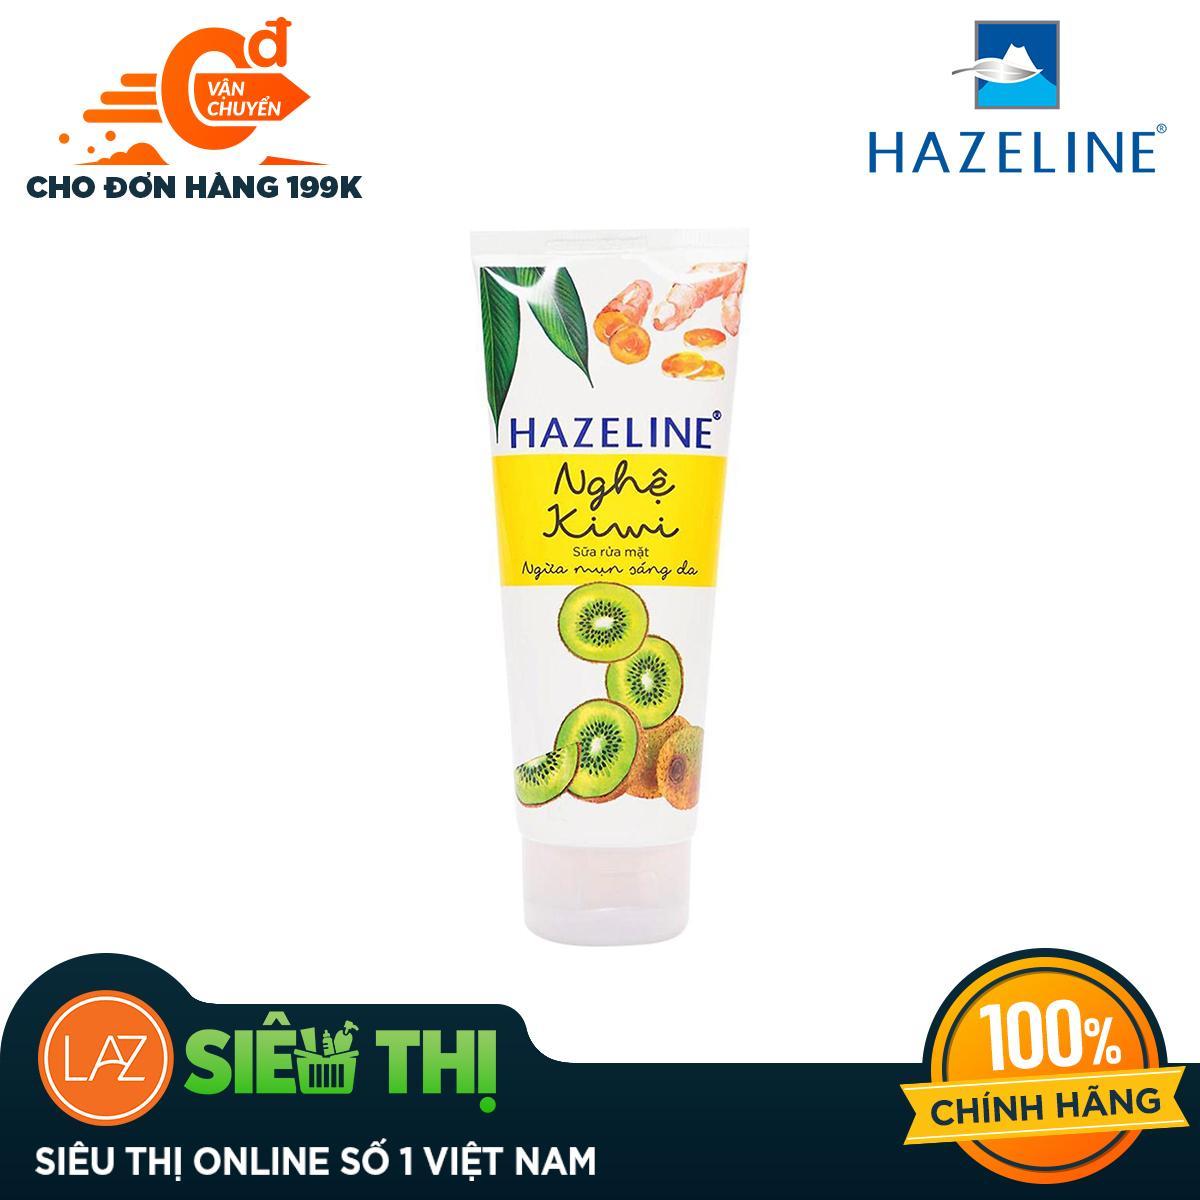 [Siêu thị Lazada] - Sữa Rửa Mặt Hazeline Nghệ Và Kiwi 100G